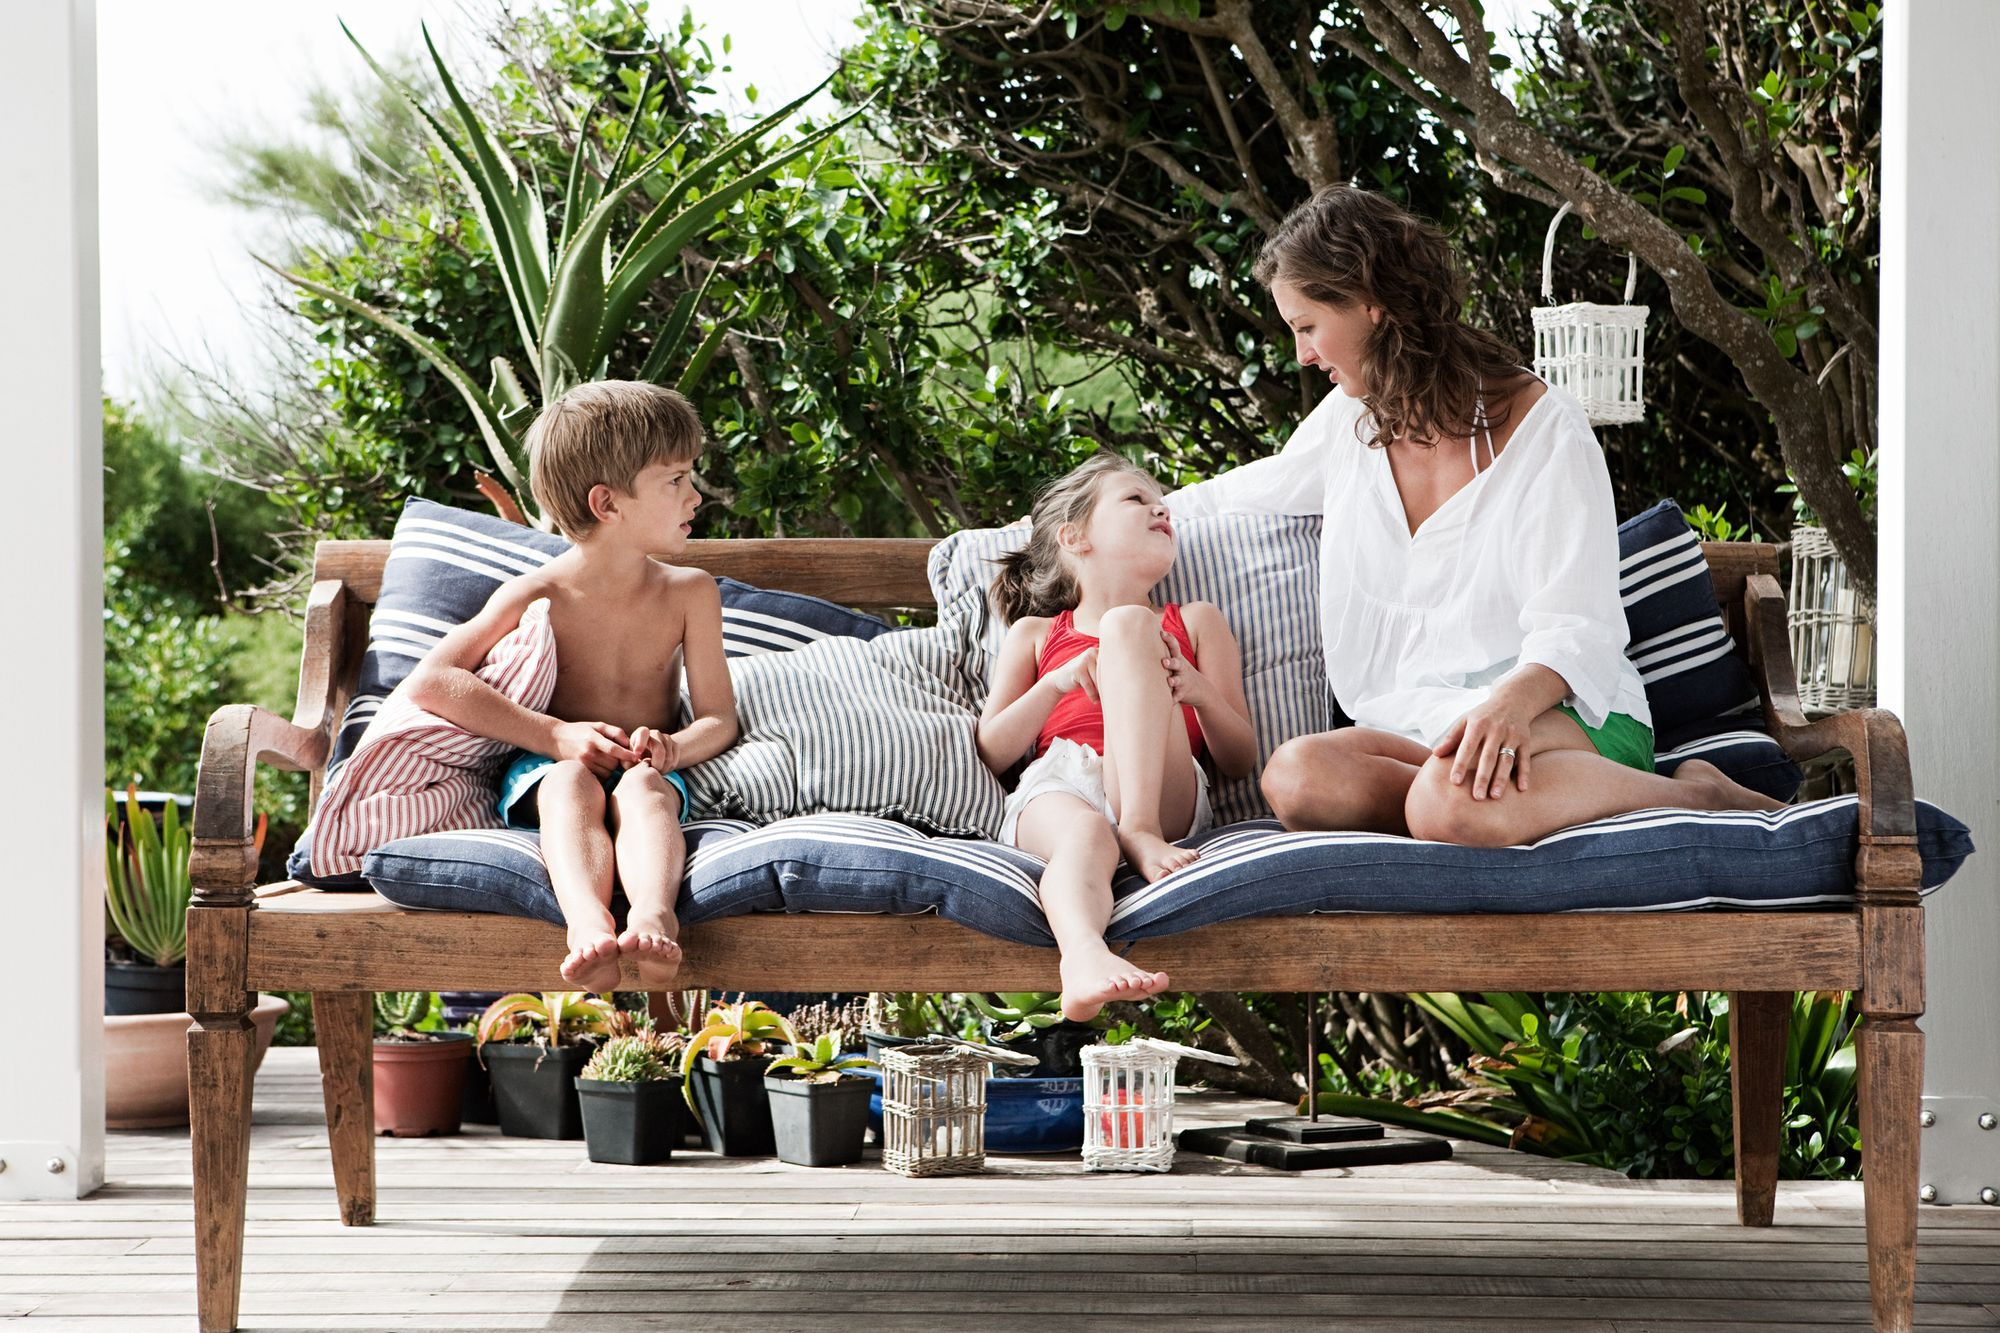 bambini-viaggi-scambiodellacasa-famiglia-vacanze-estate